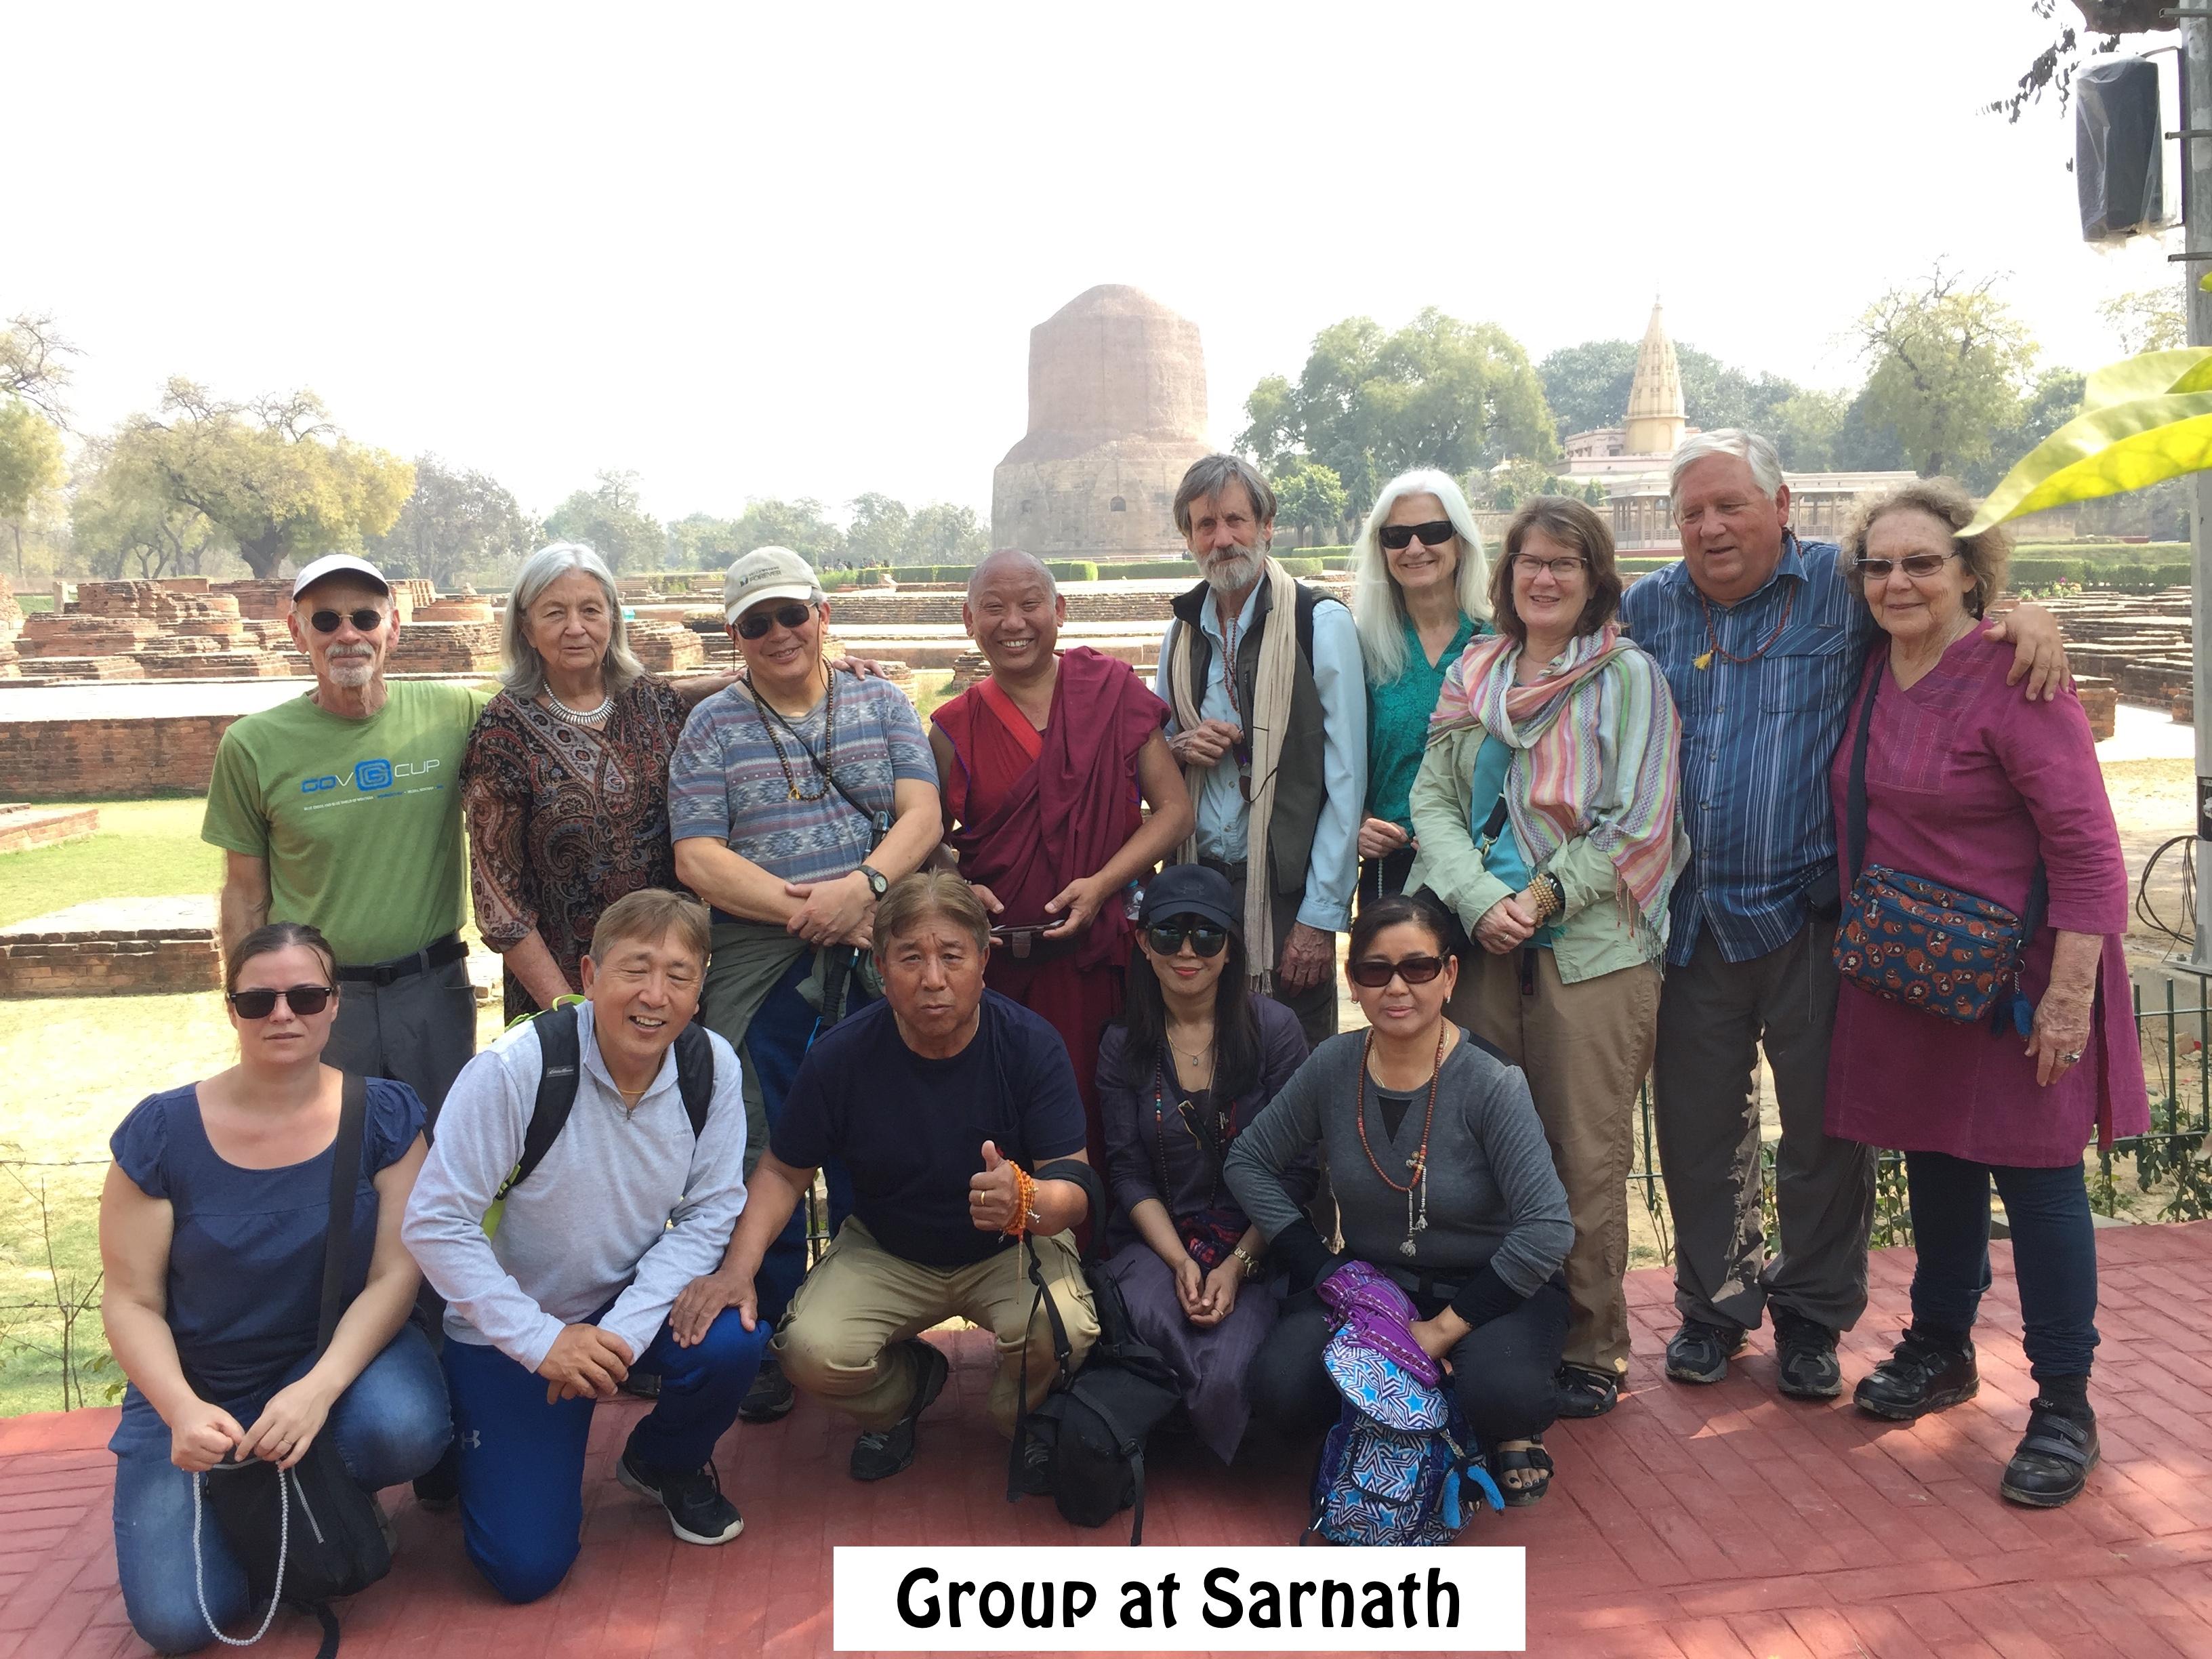 Group at Sarnath